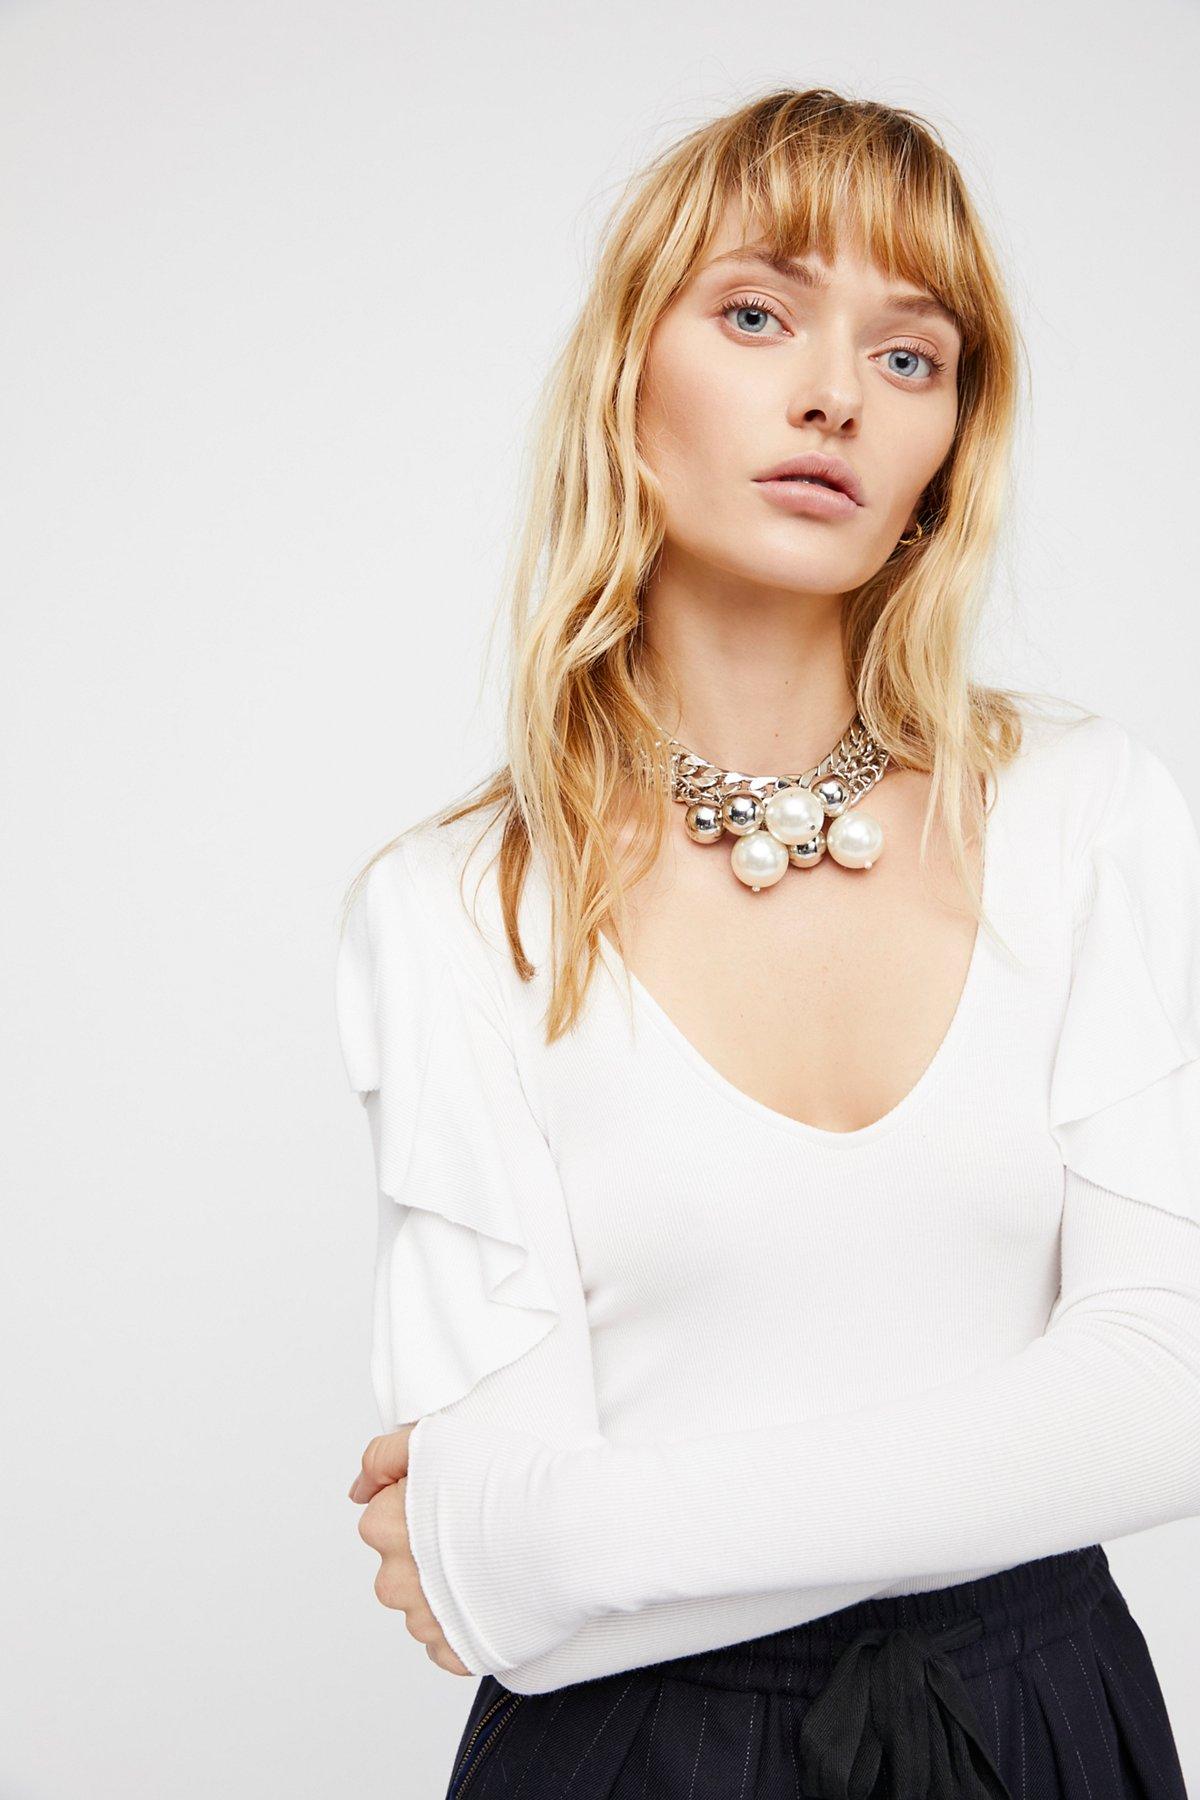 Mirror Ball x Pearl Chain Collar